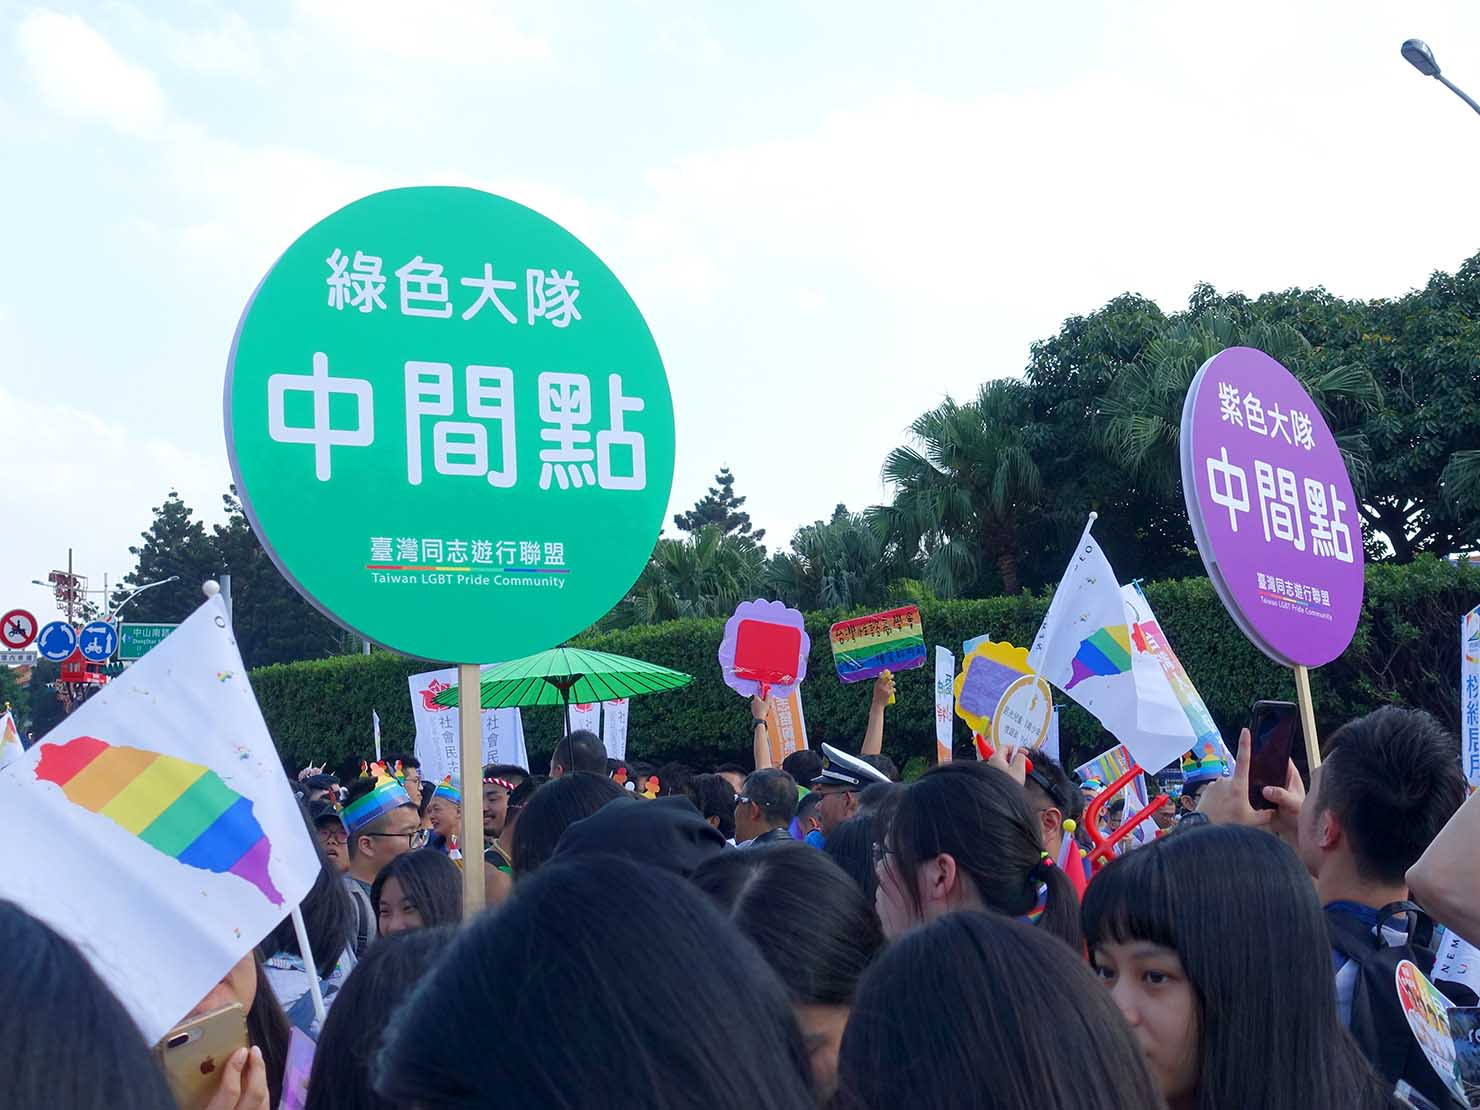 台灣同志遊行(台湾LGBTプライド)2018の会場で掲げられるパレード隊列のプラカード